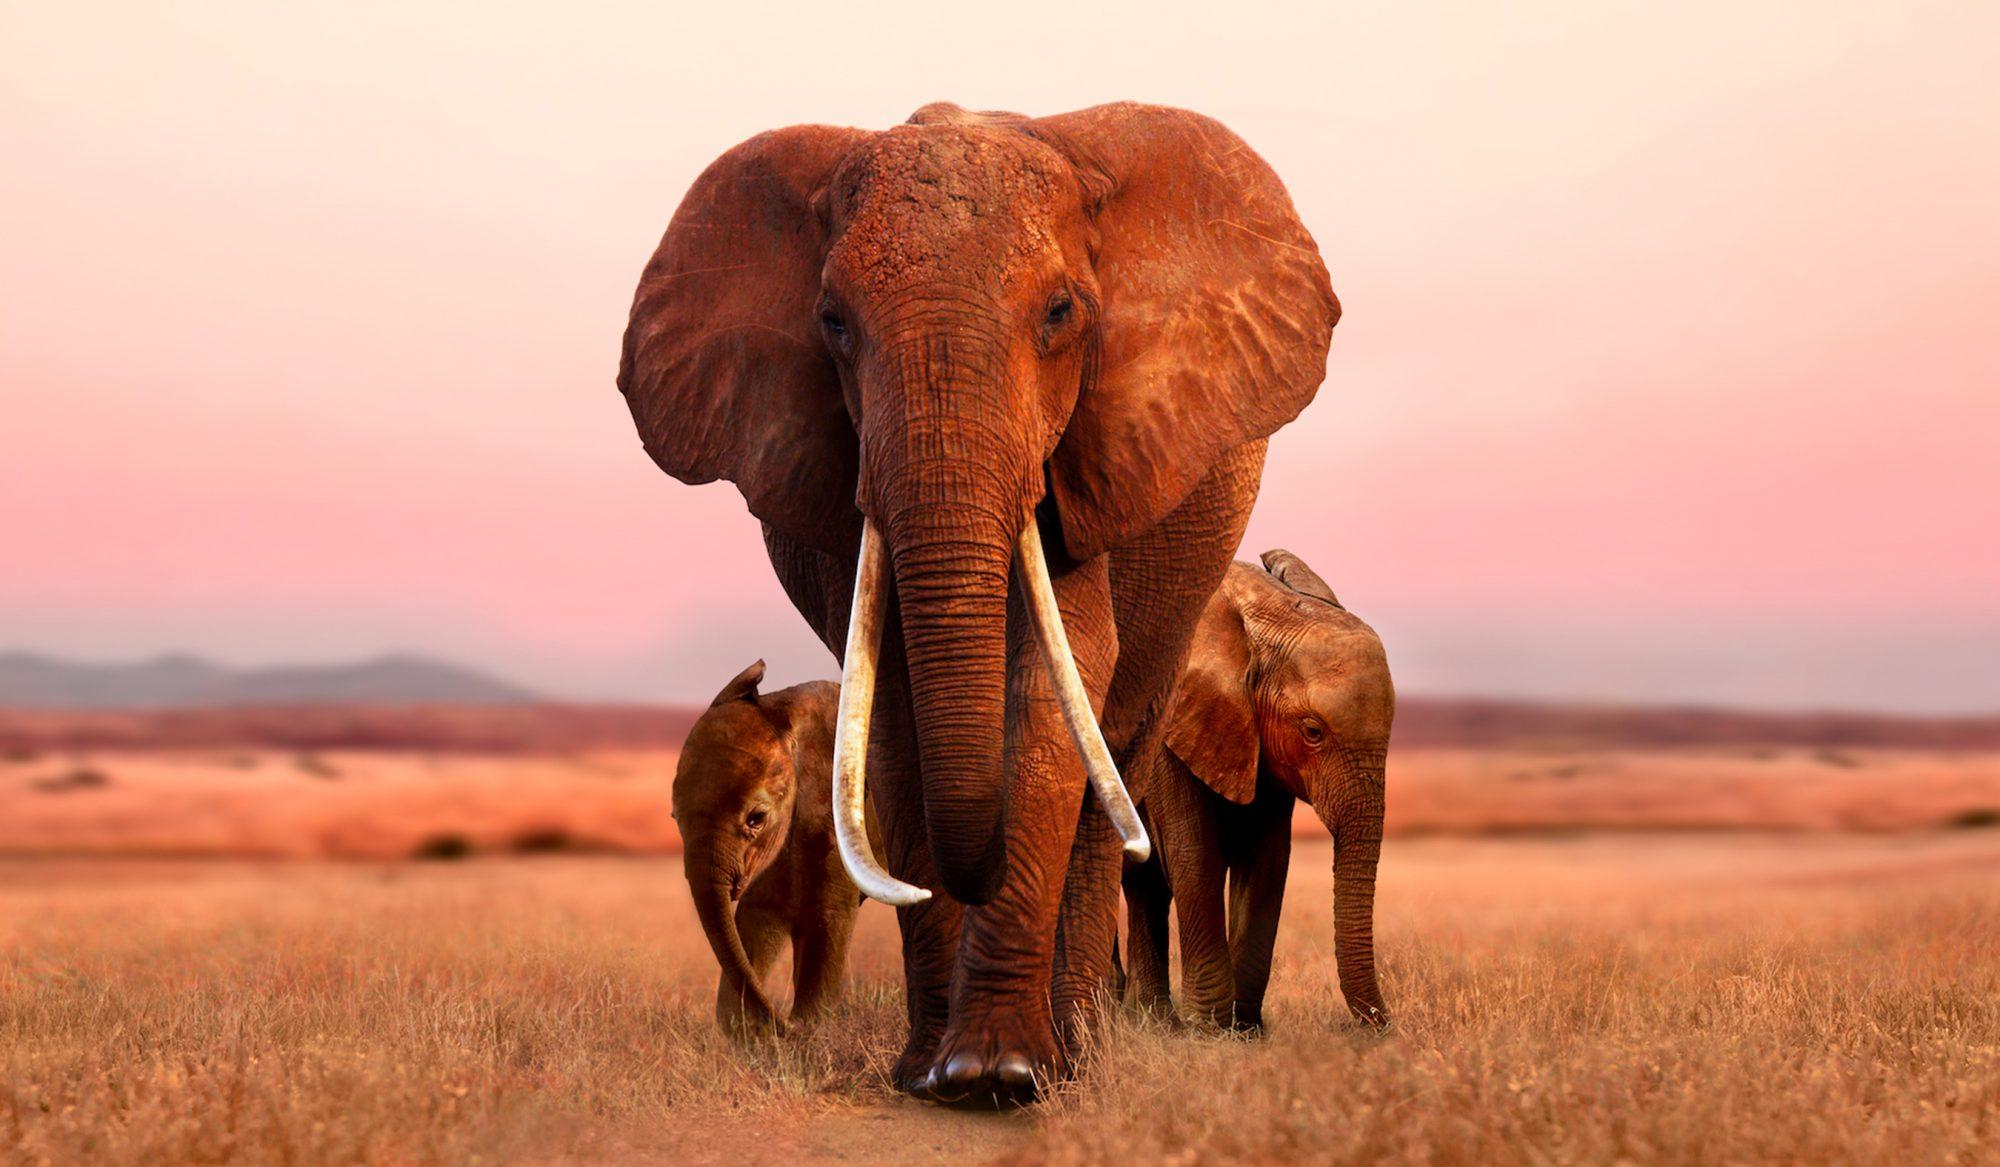 The Elephant Queen - Still 1